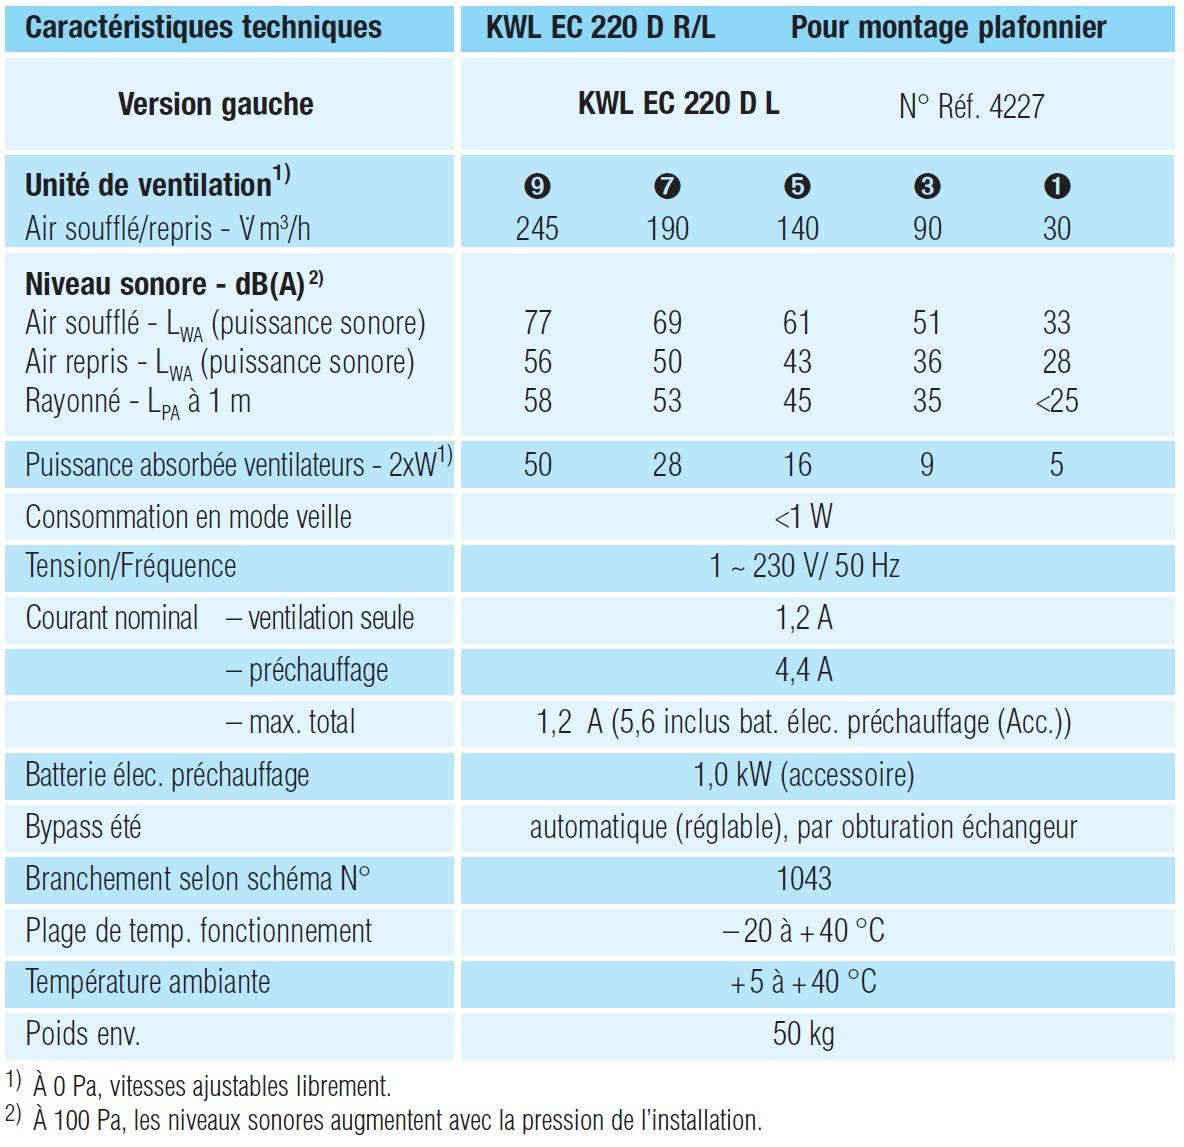 Vmc double flux kwl ec 220 d l easycontrols - Calcul vmc double flux ...